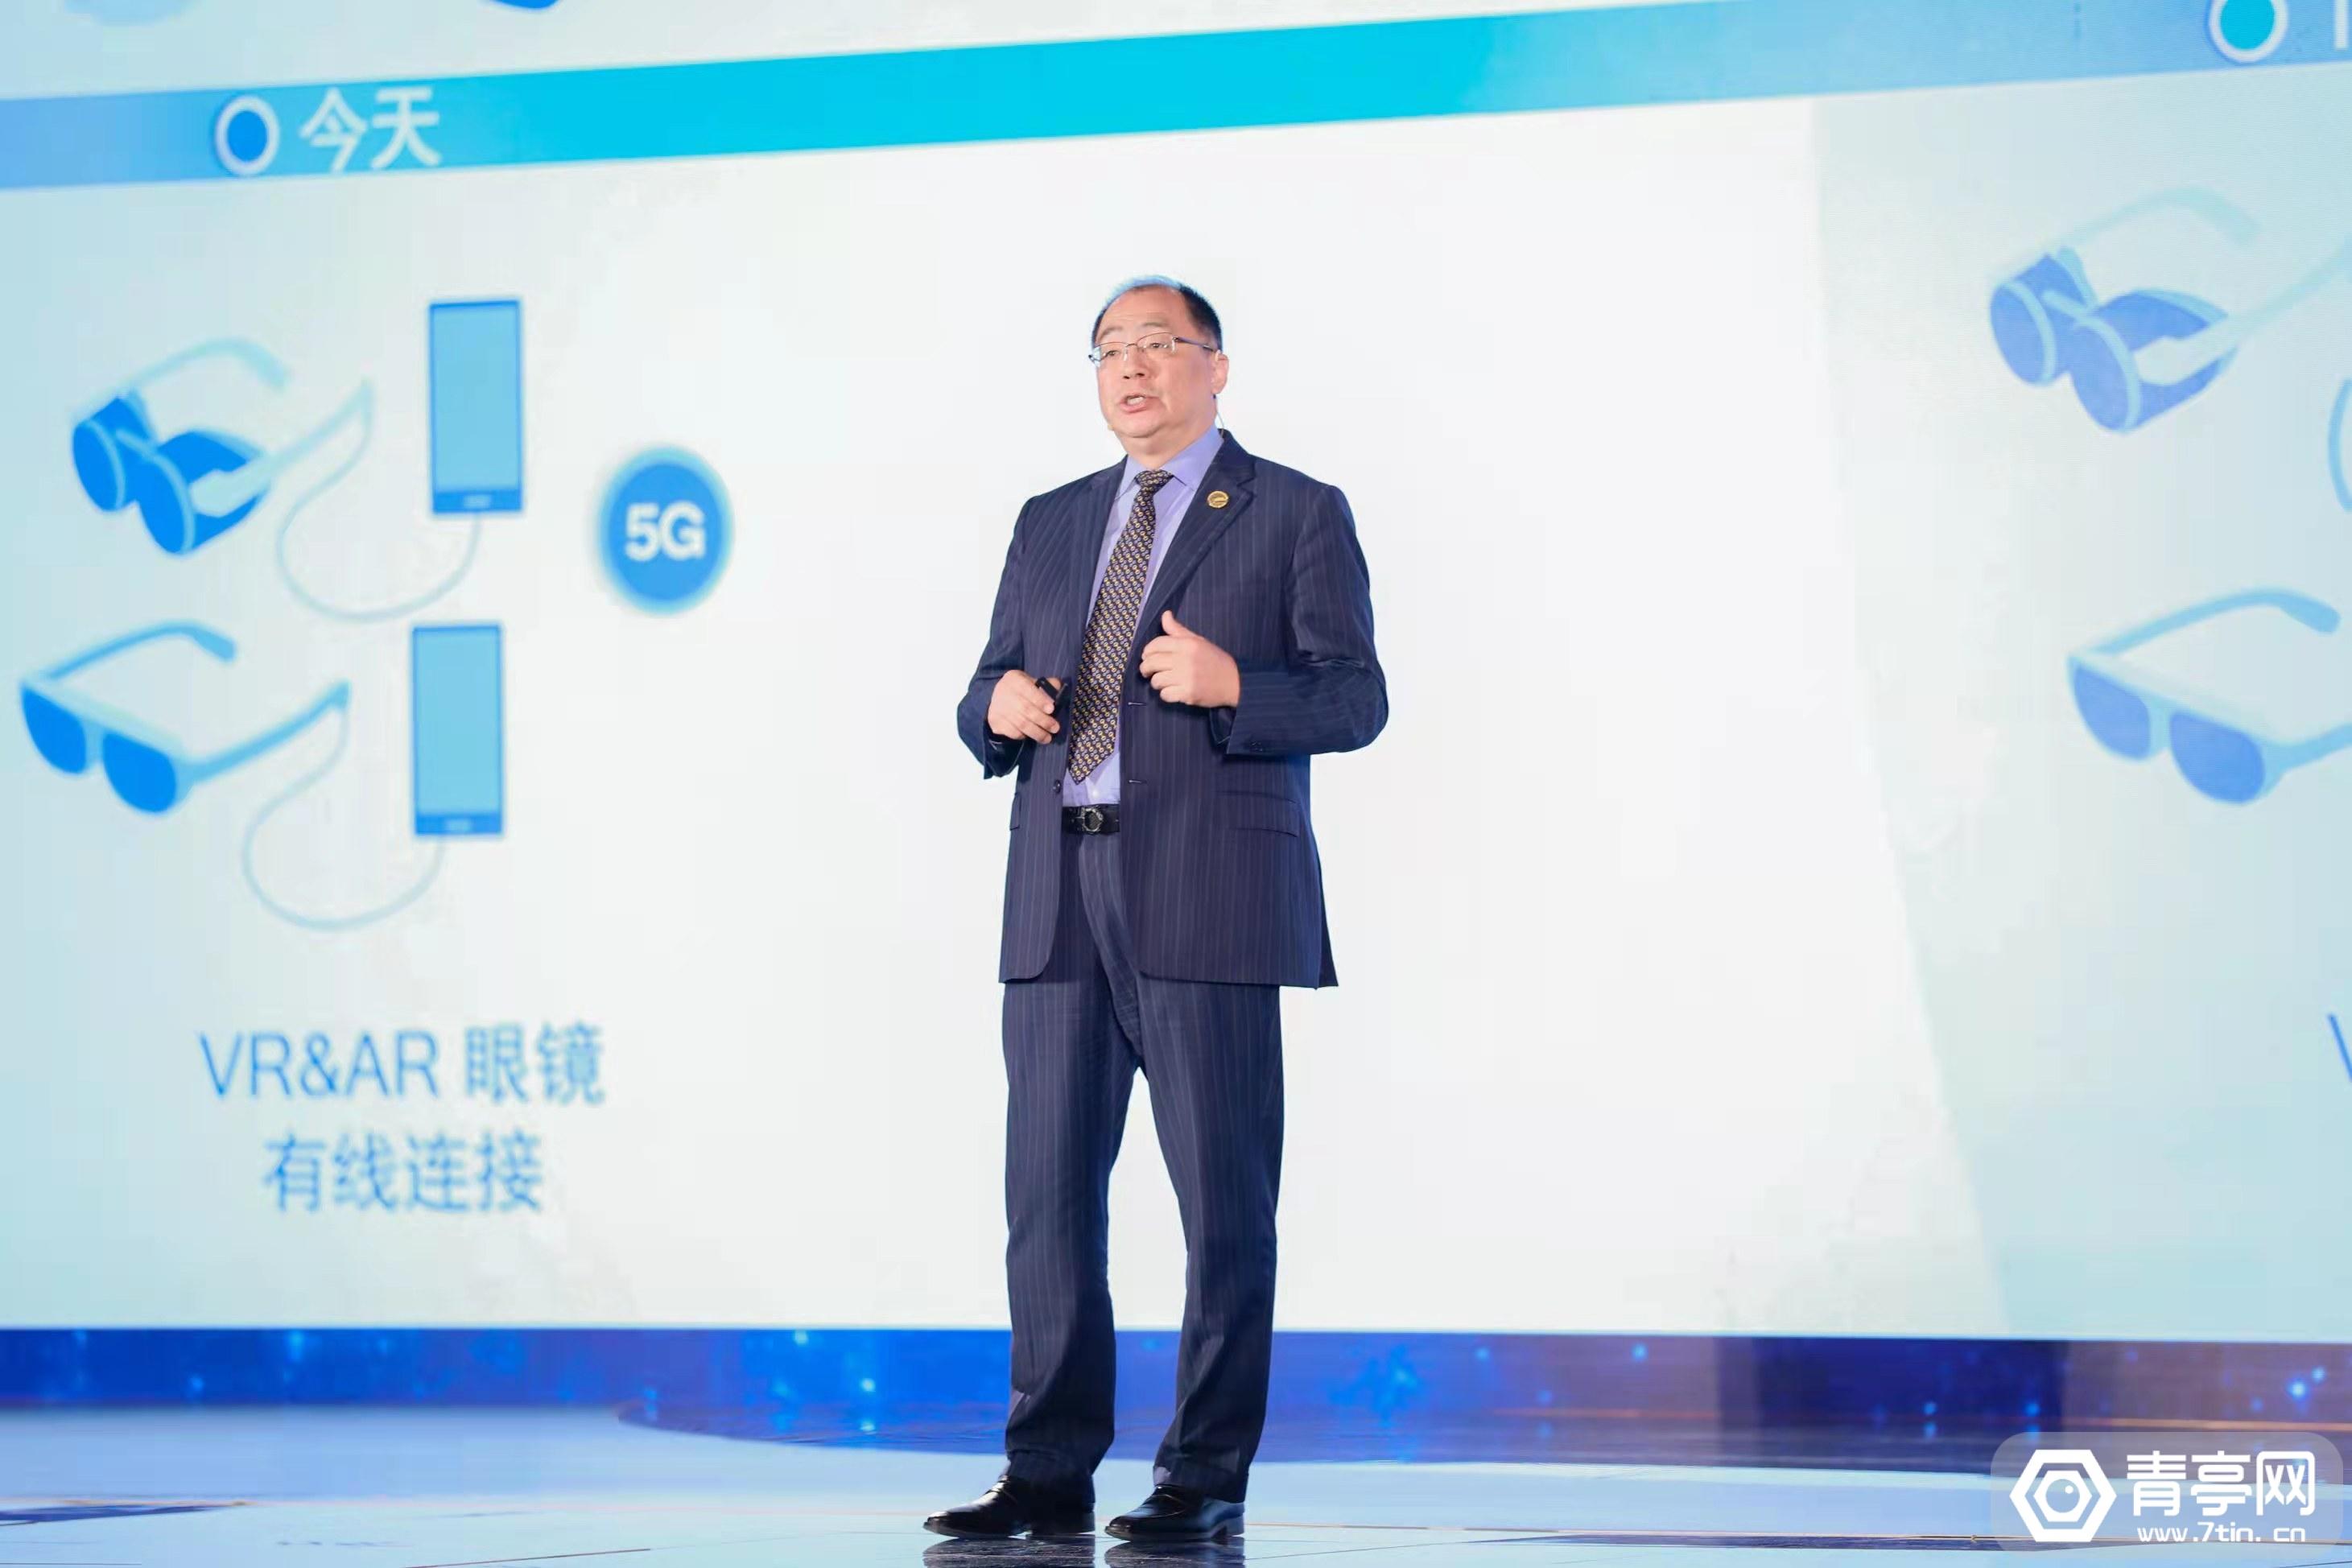 高通孟樸:XR将发展成为下一的代移动计算平台